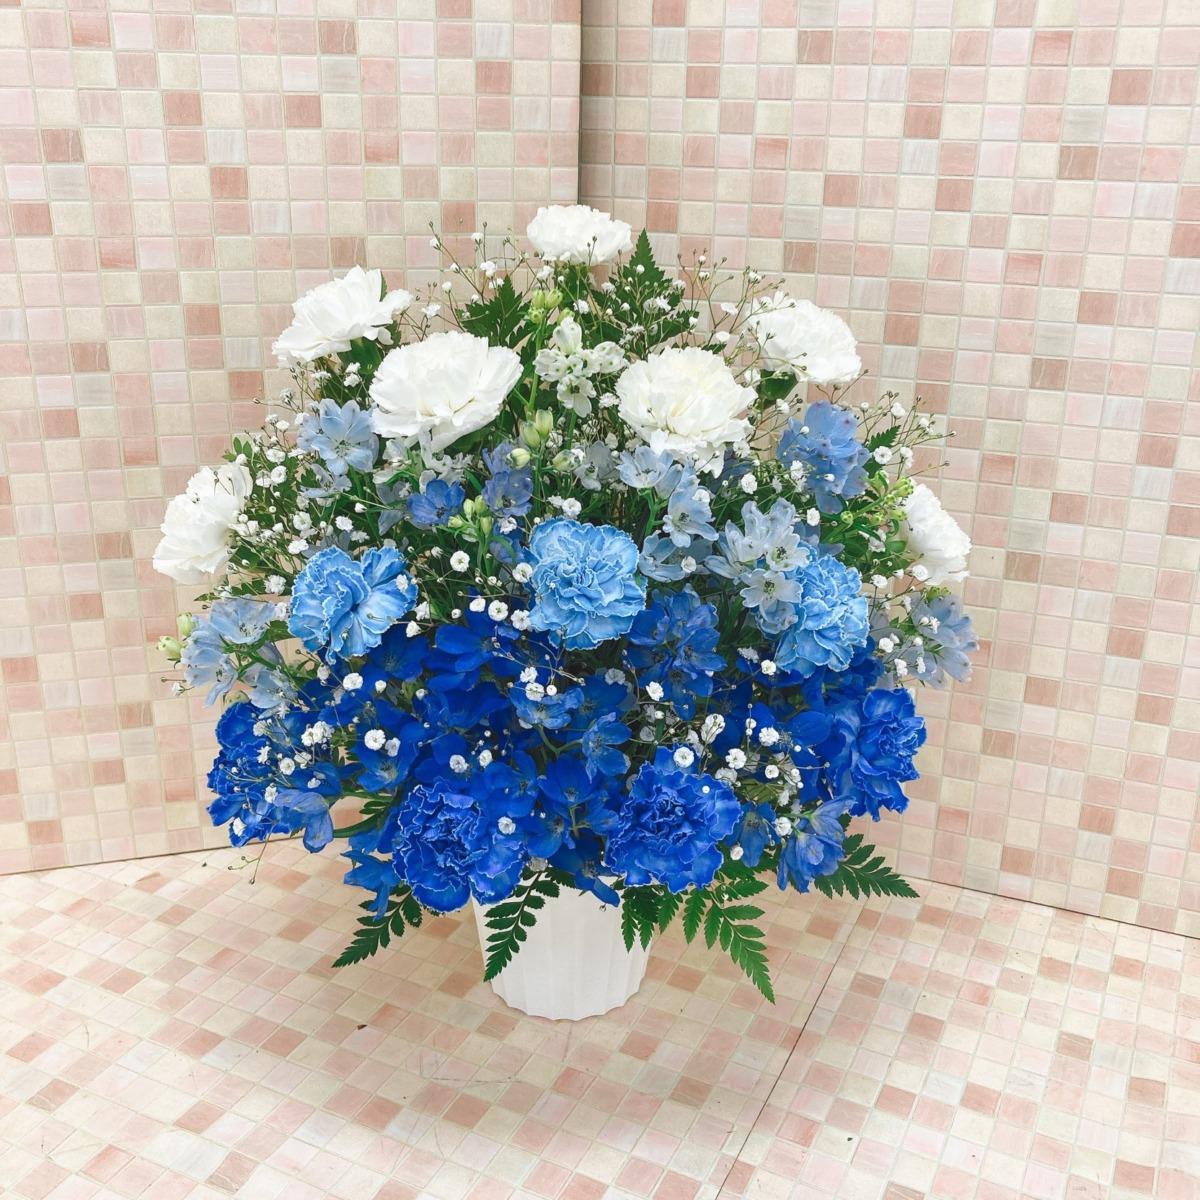 【供花】カーネーショングラデアレンジ WB(H45)